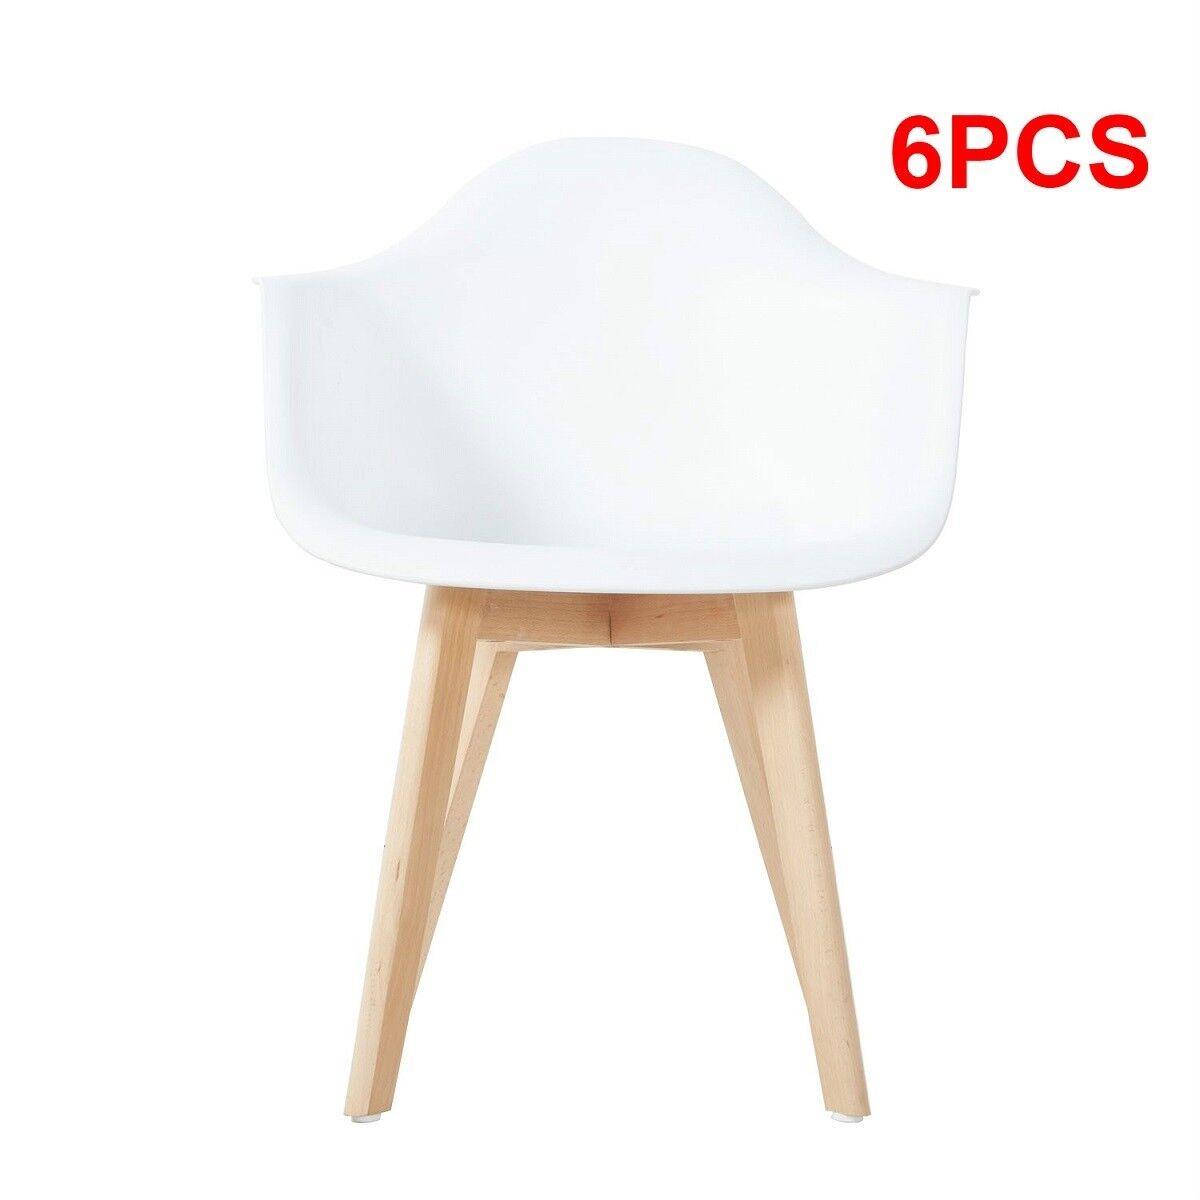 2/4/6 SEDIE CUCINA sedia ufficio sedia legno Bianche Scandinavo ...